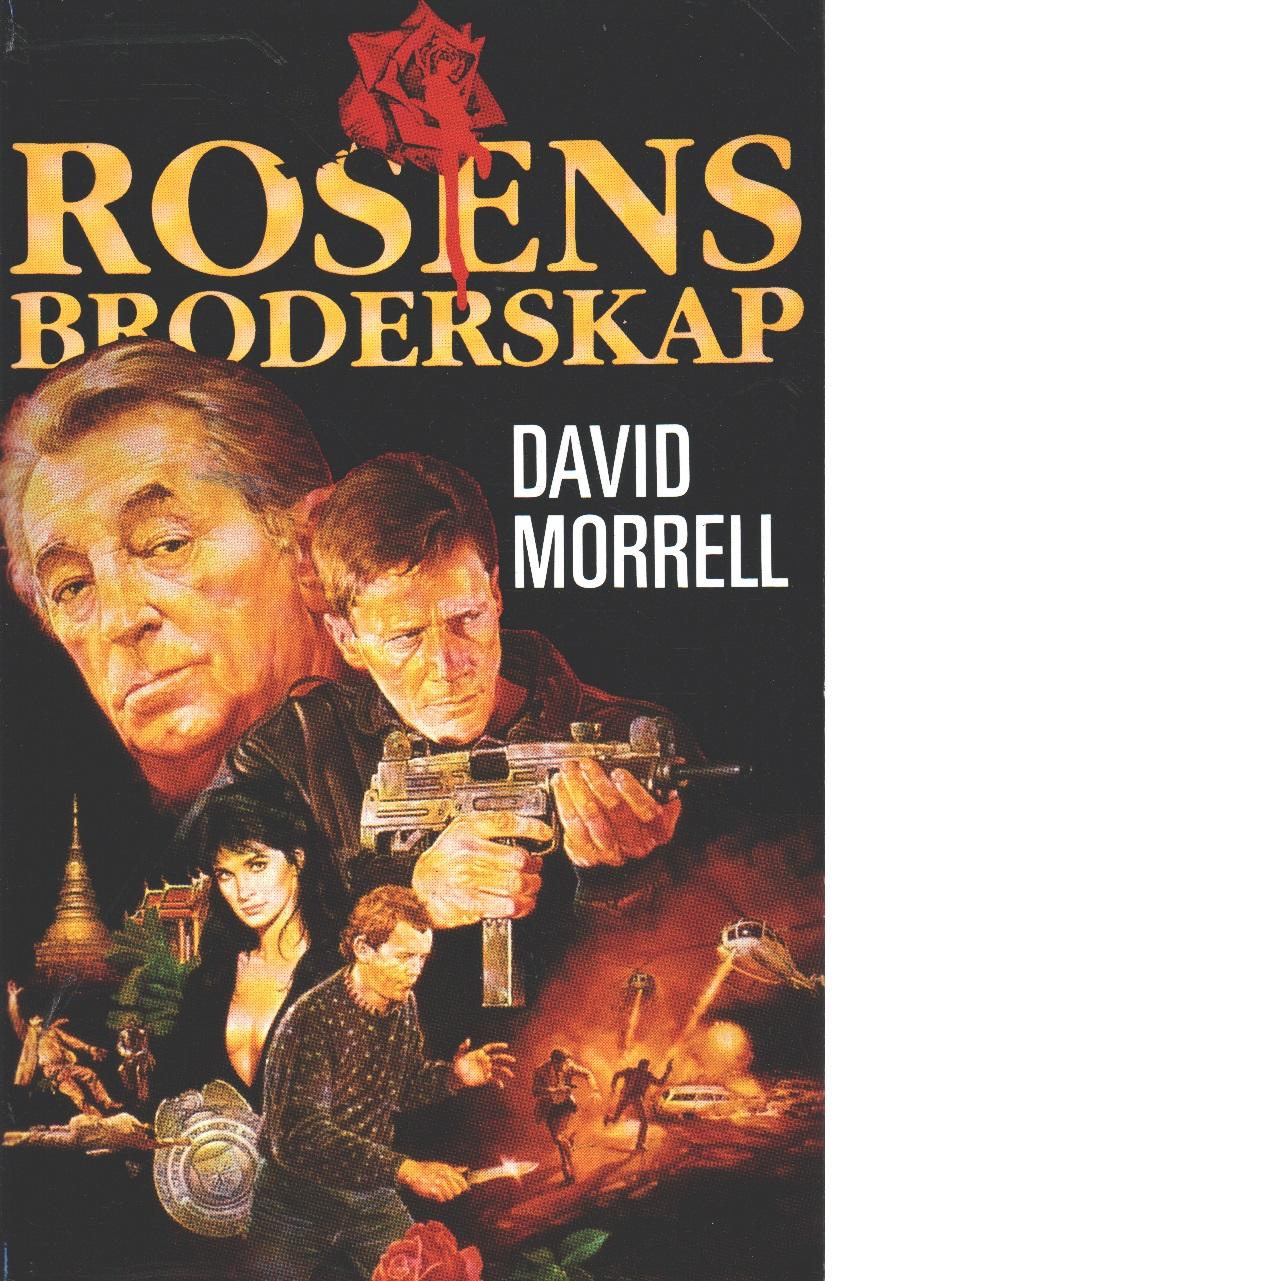 Rosens broderskap - Morrell, David